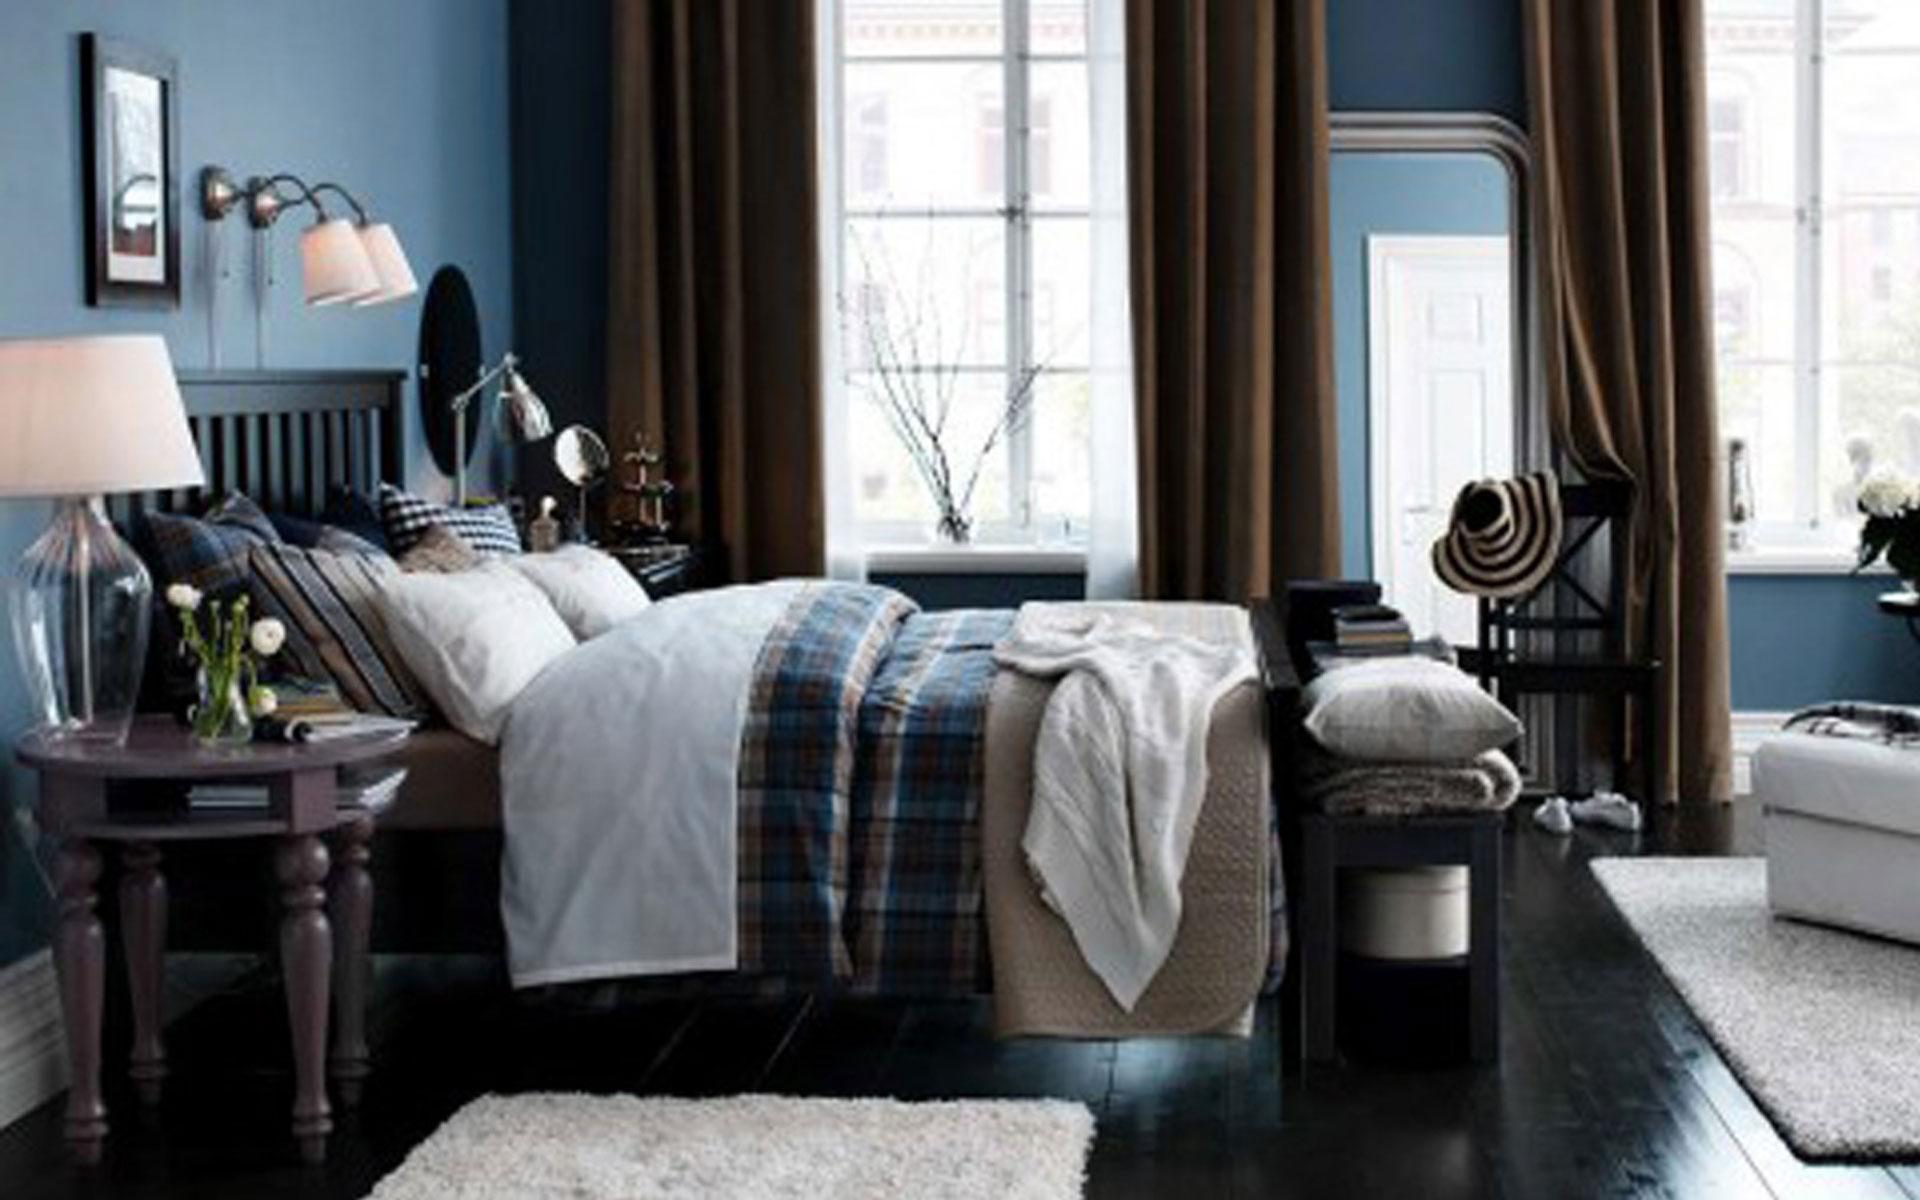 populære design-ikea-bedrom-med-moderne-brun-ren-gardin-og-træ-sort-seng-design-for-ikea-værelses-gardiner-ikea-bedrom-med-ny-moderne-møbler-design- til-fantastisk-ikea-værelses-design